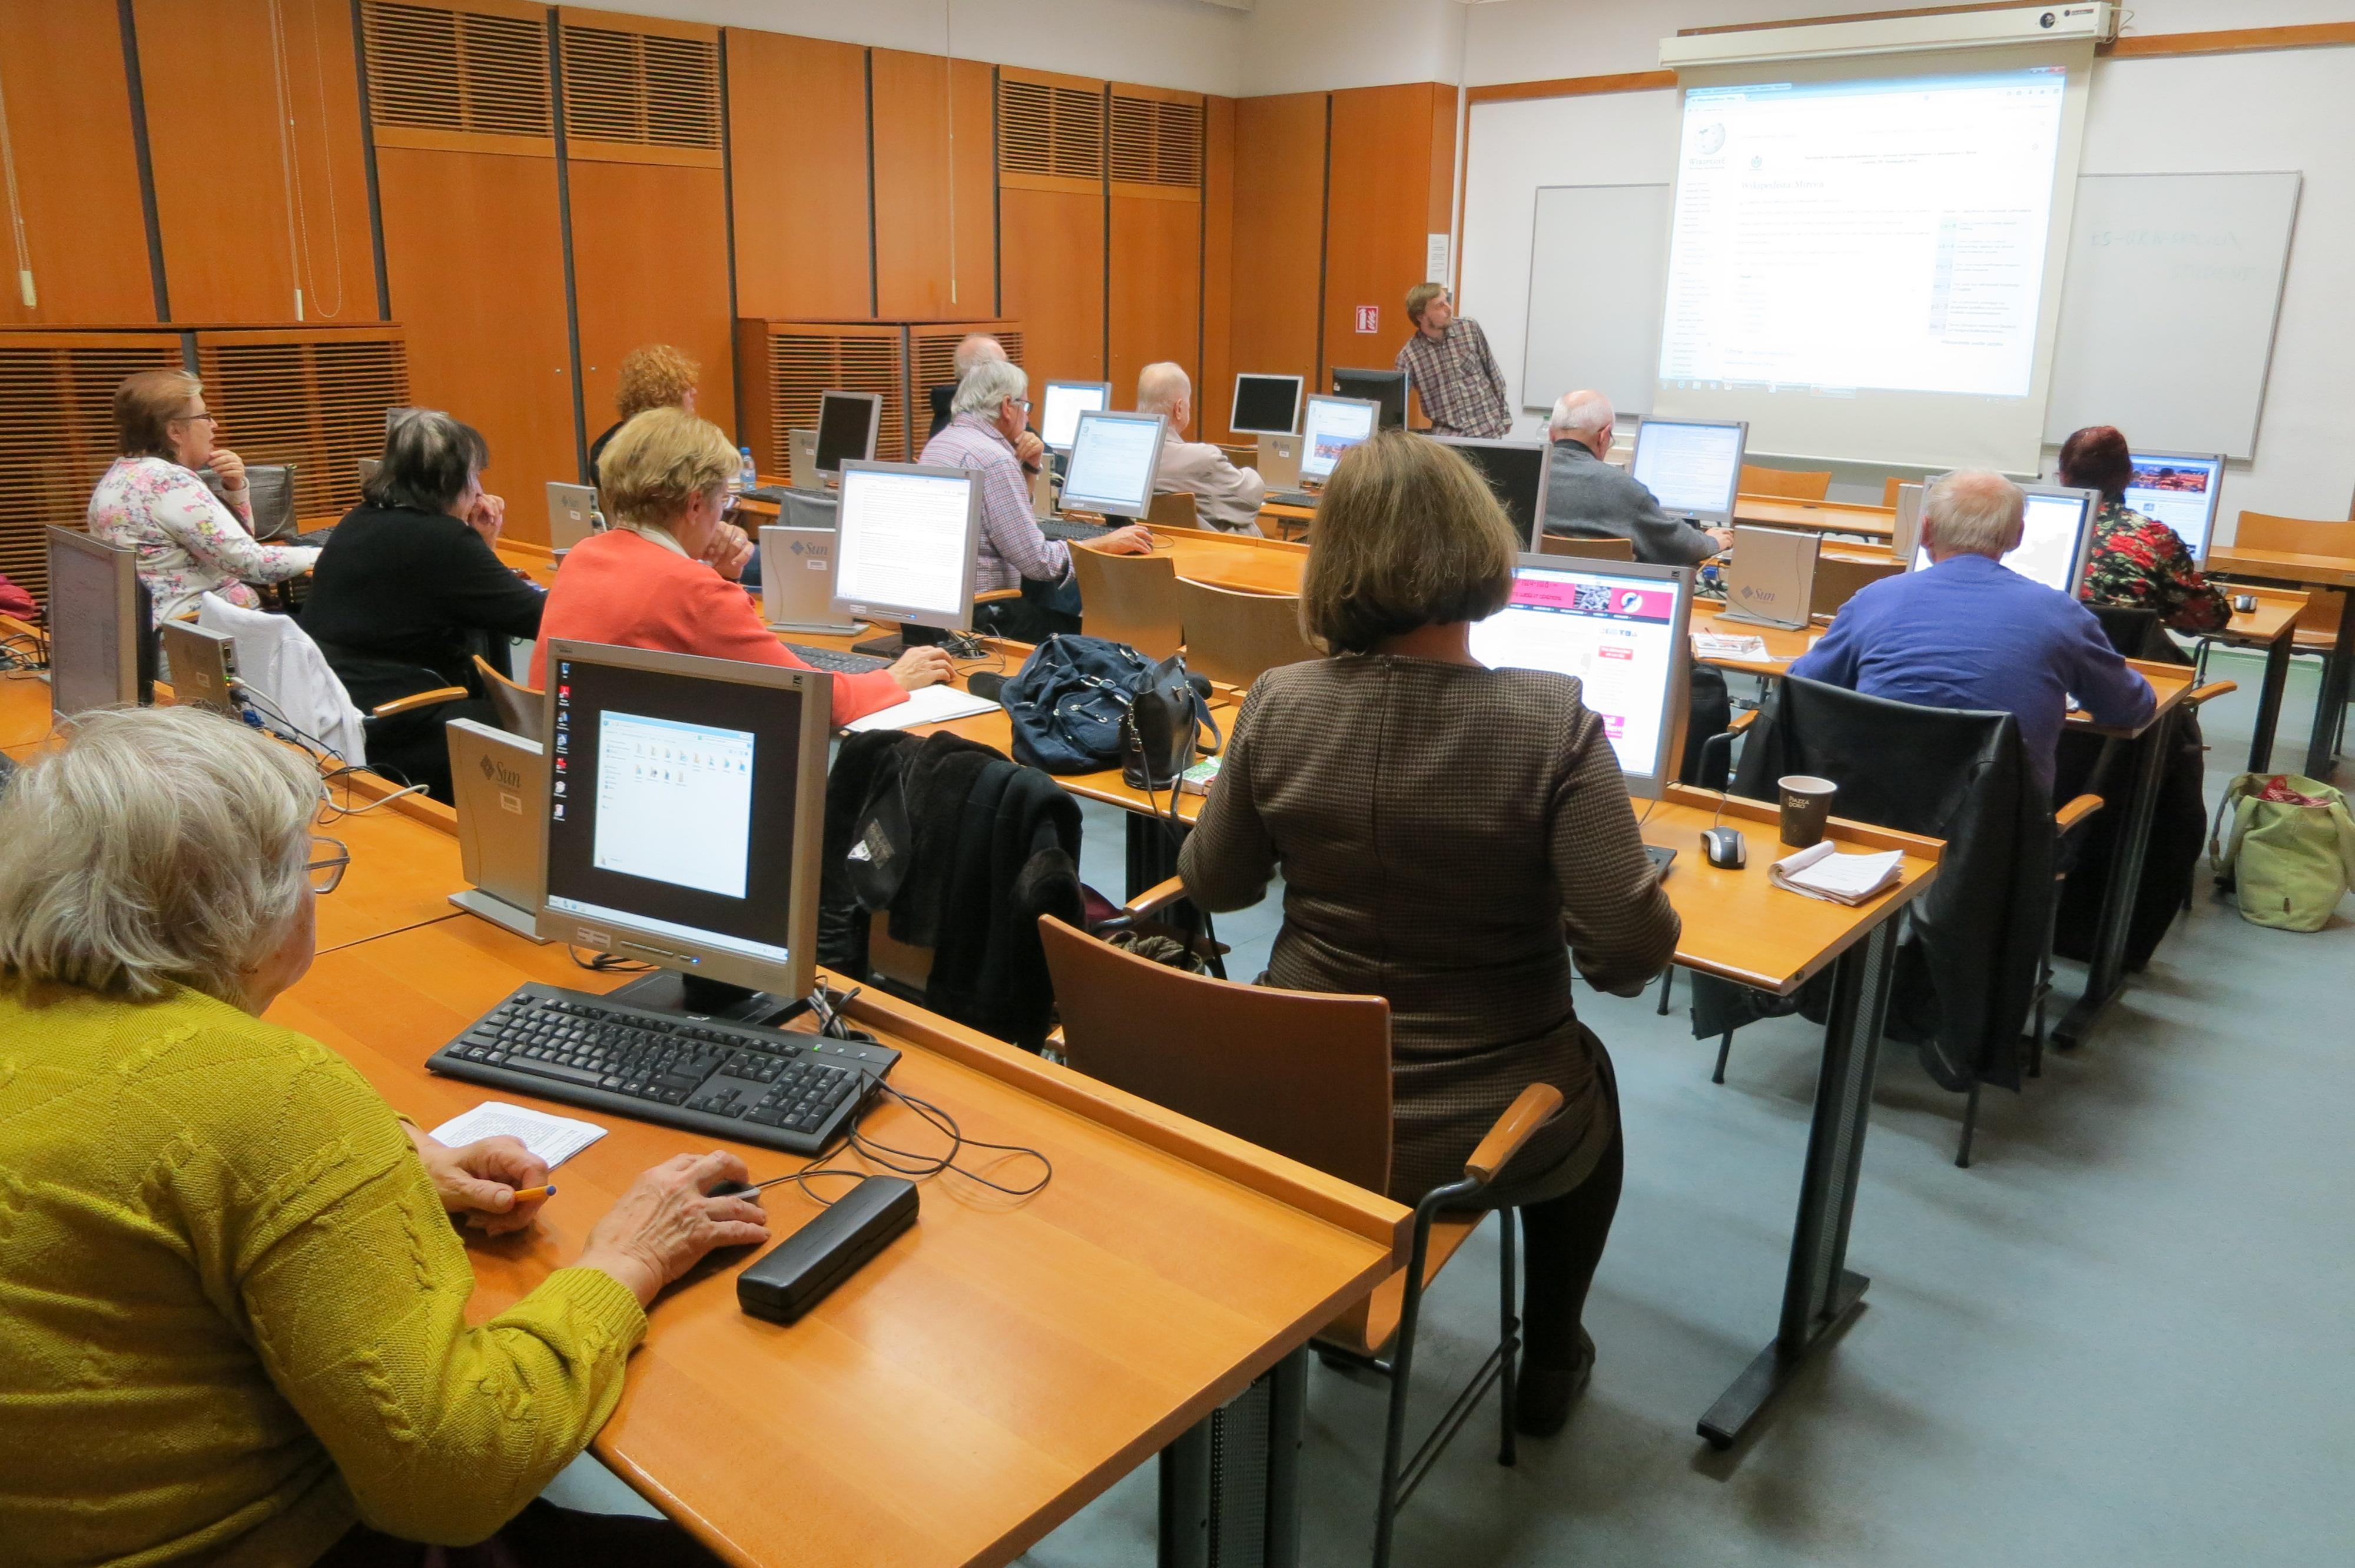 סדנת ויקיפדיה לגמלאים בבאר שבע